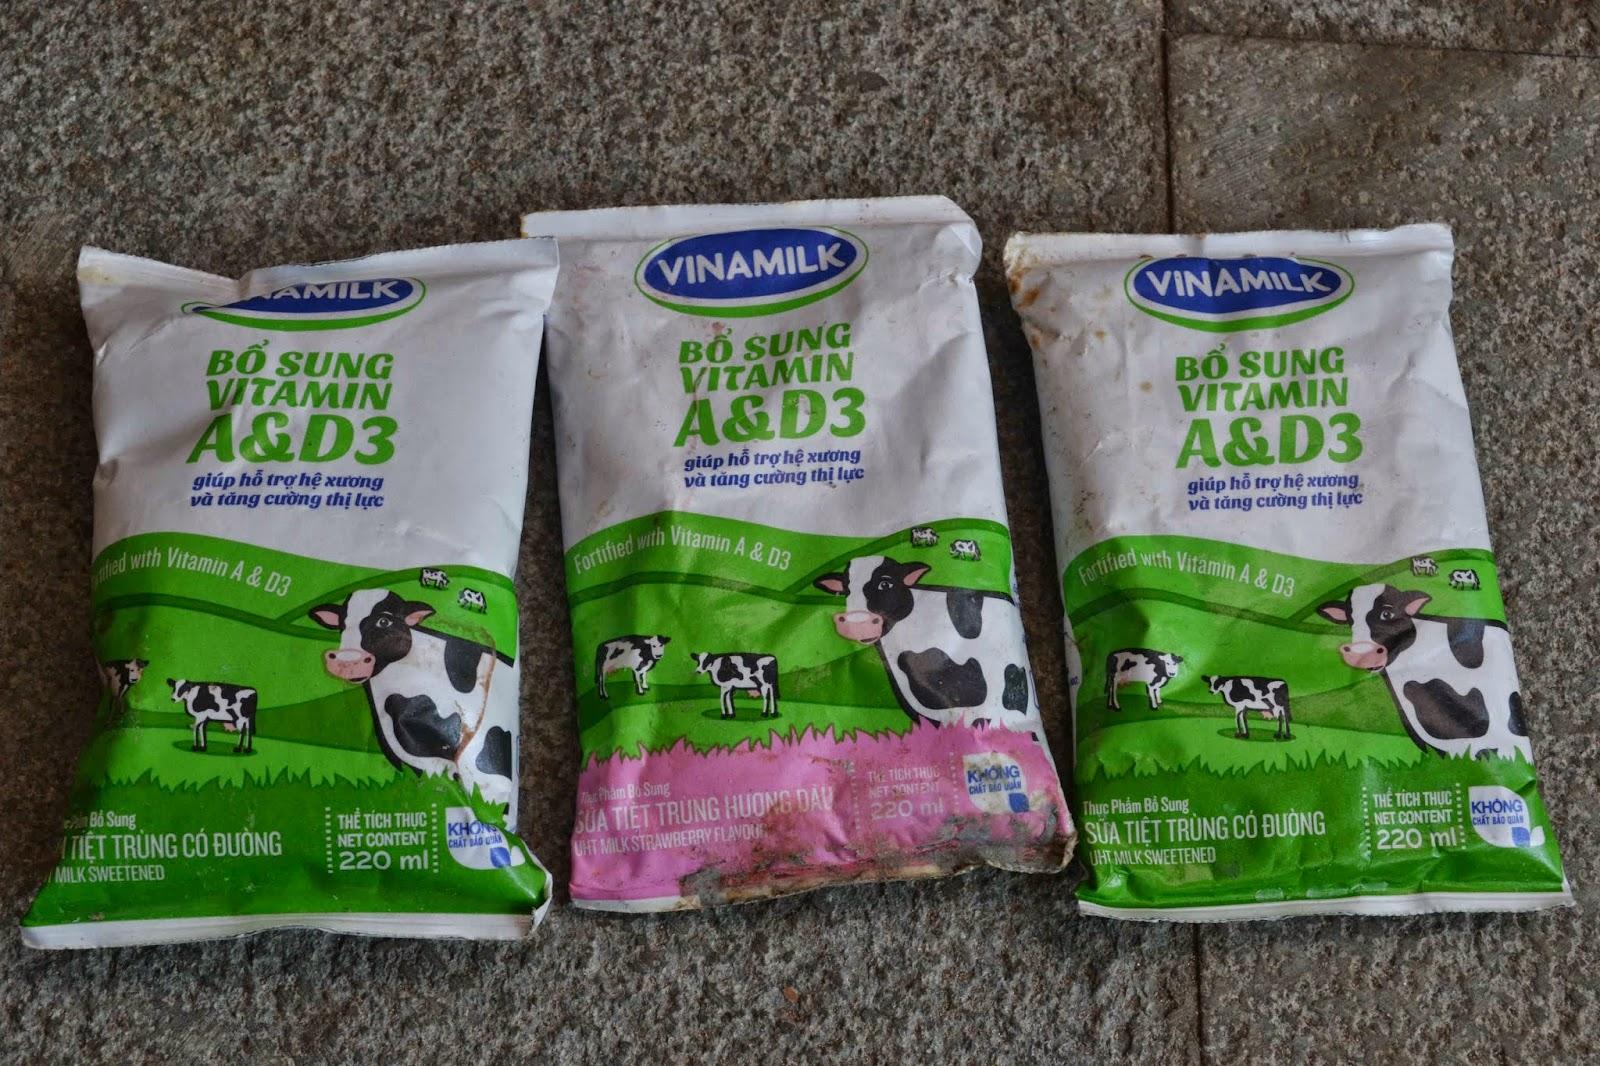 Gia Lai: Người tiêu dùng phản ánh sữa Vinamilk kém chất lượng bán trên thị trường?